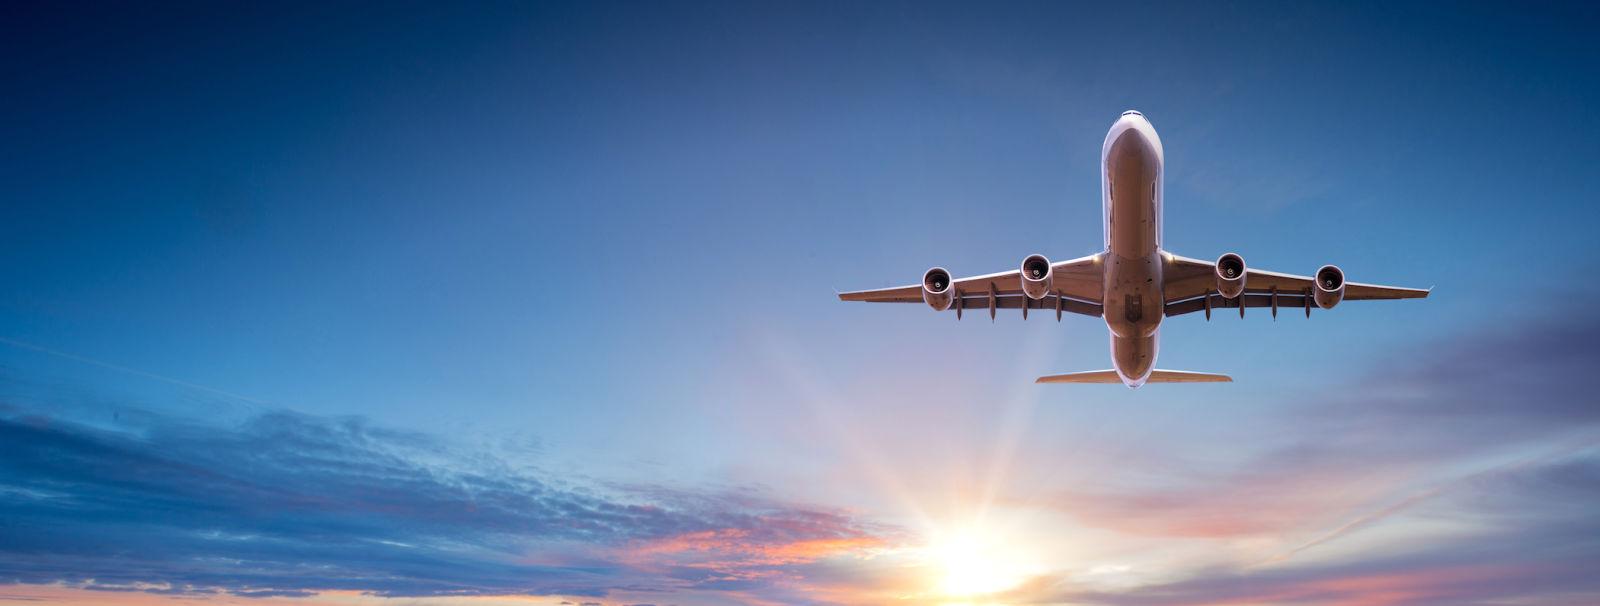 airplane, plane